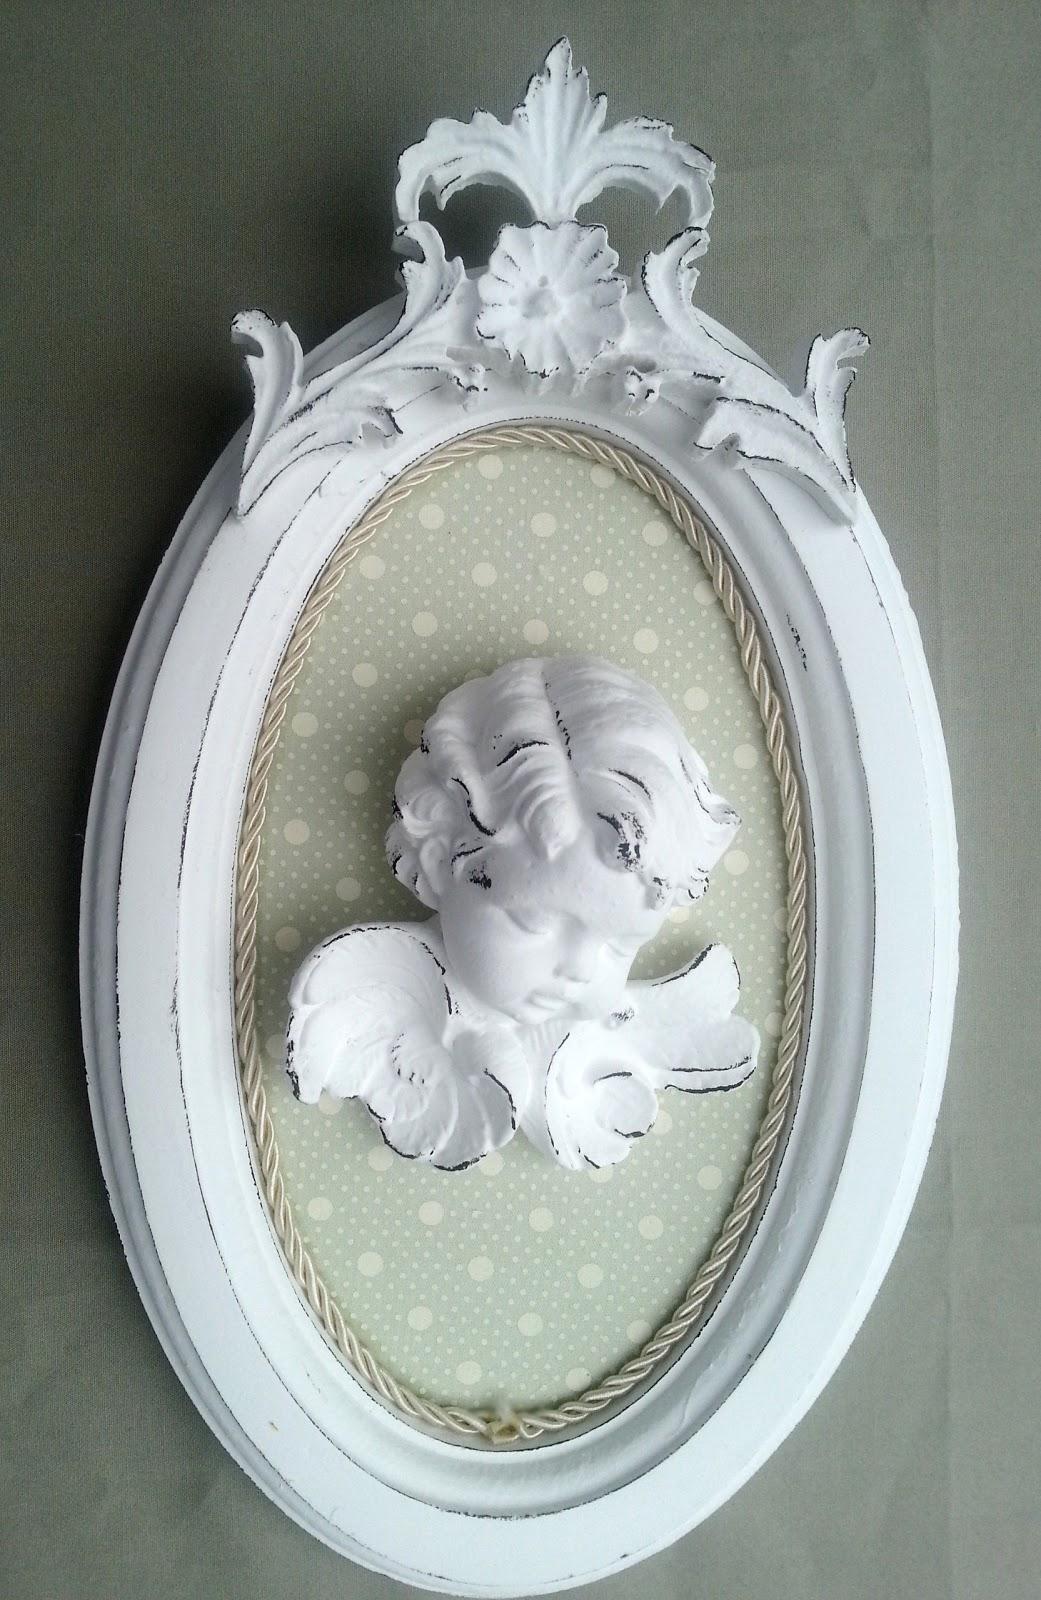 Resinas provence rococ quadro anjo estilo proven al com for Arcones de resina para exterior